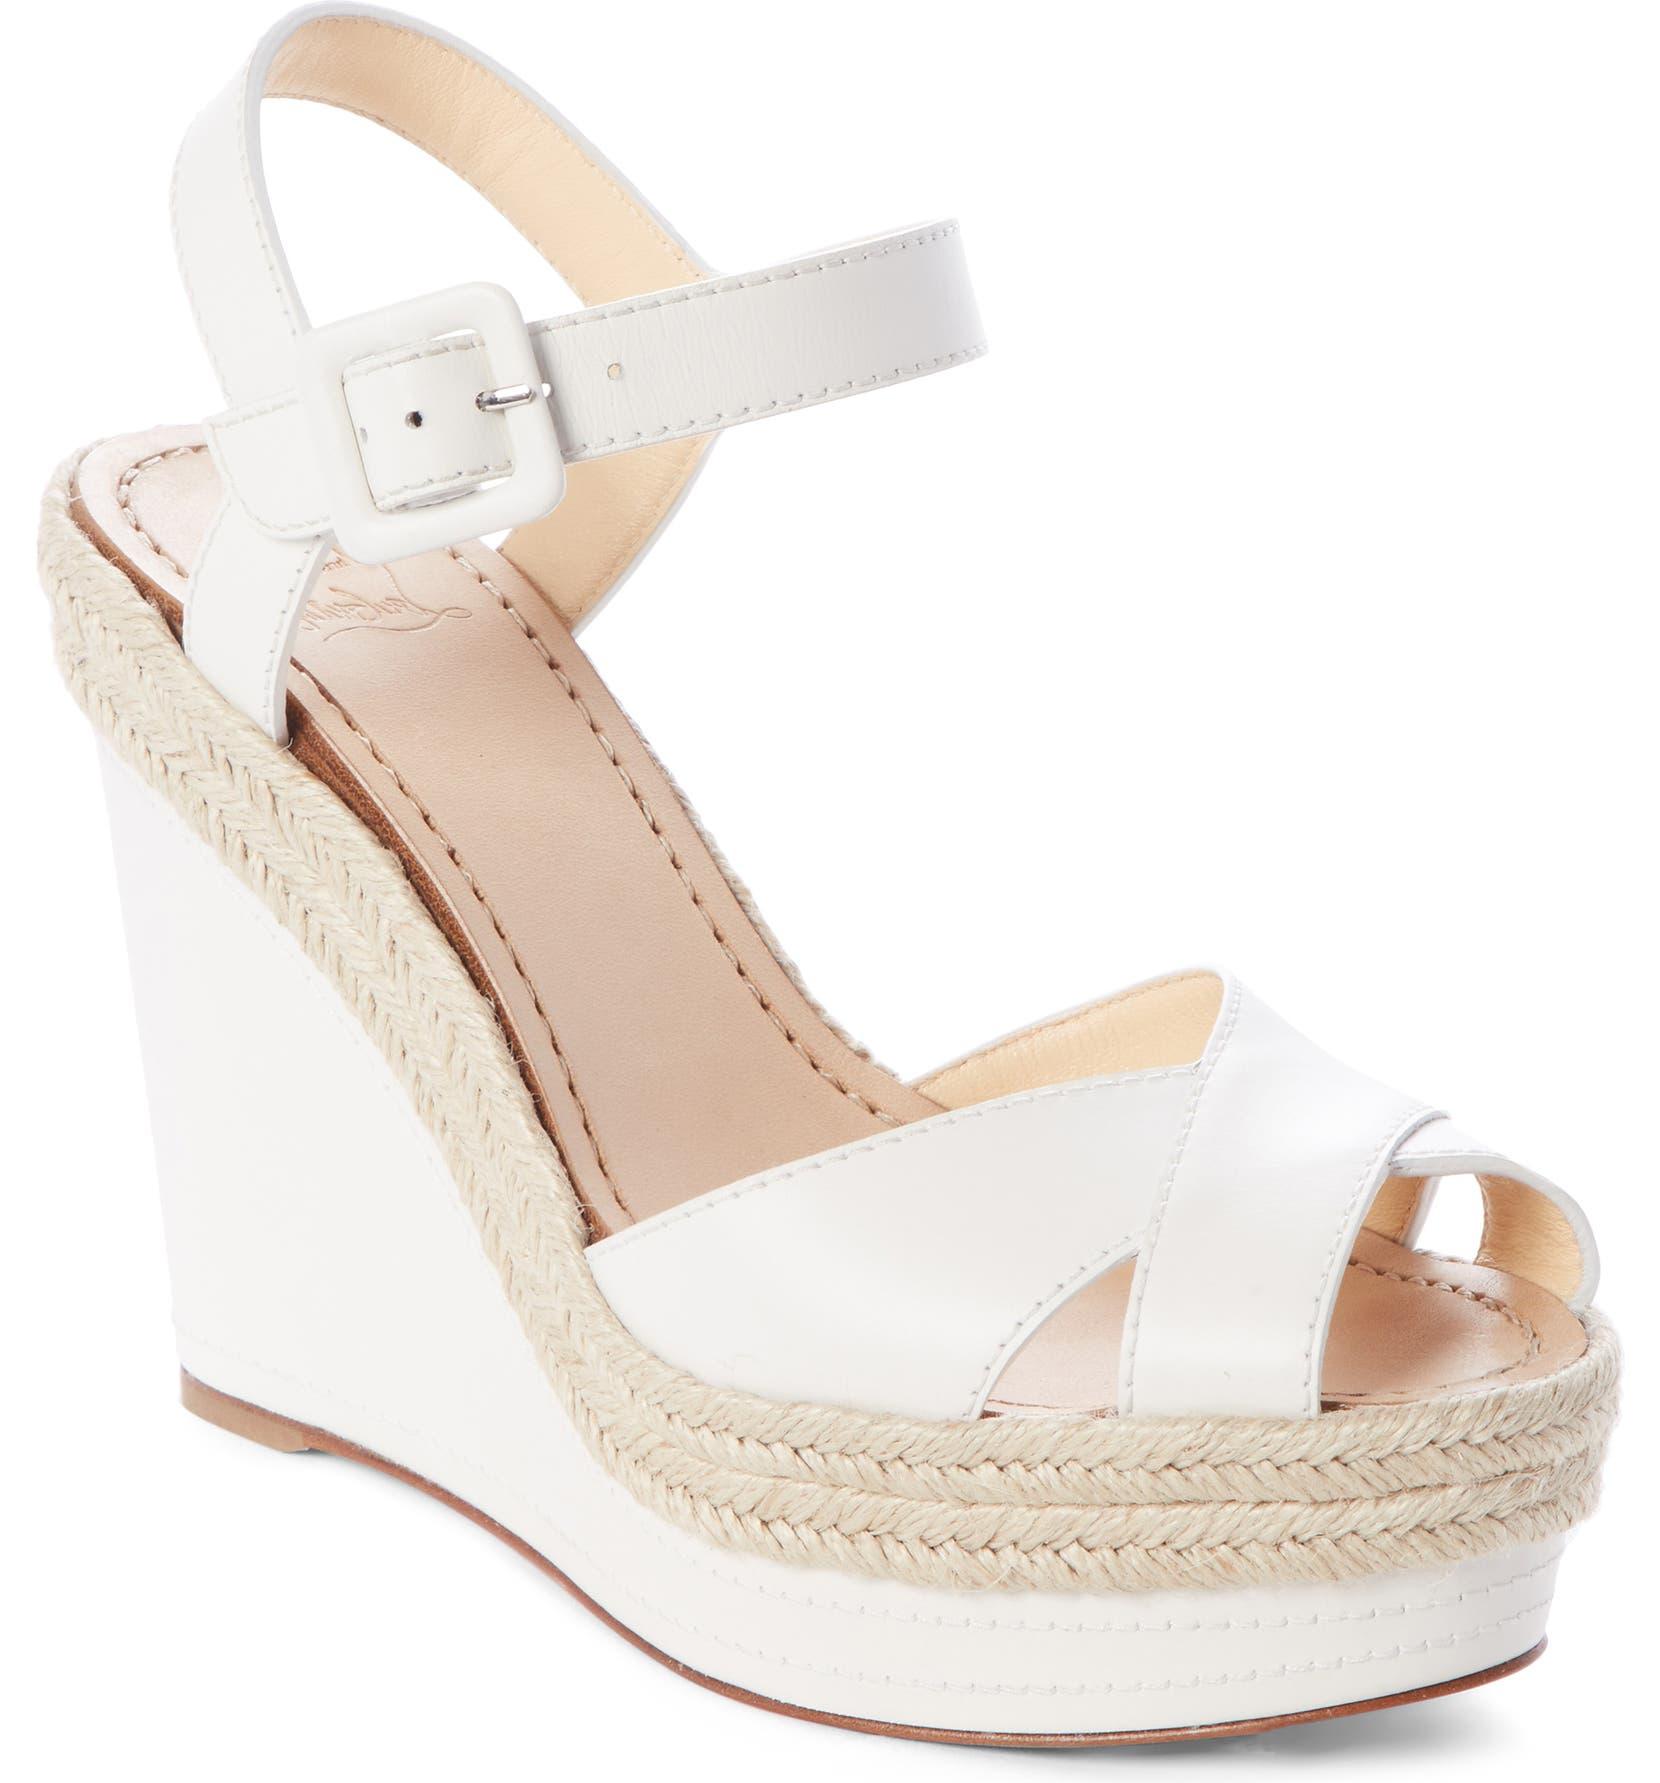 49a5b3380d1 Christian Louboutin Almeria Platform Wedge Sandal (Women)